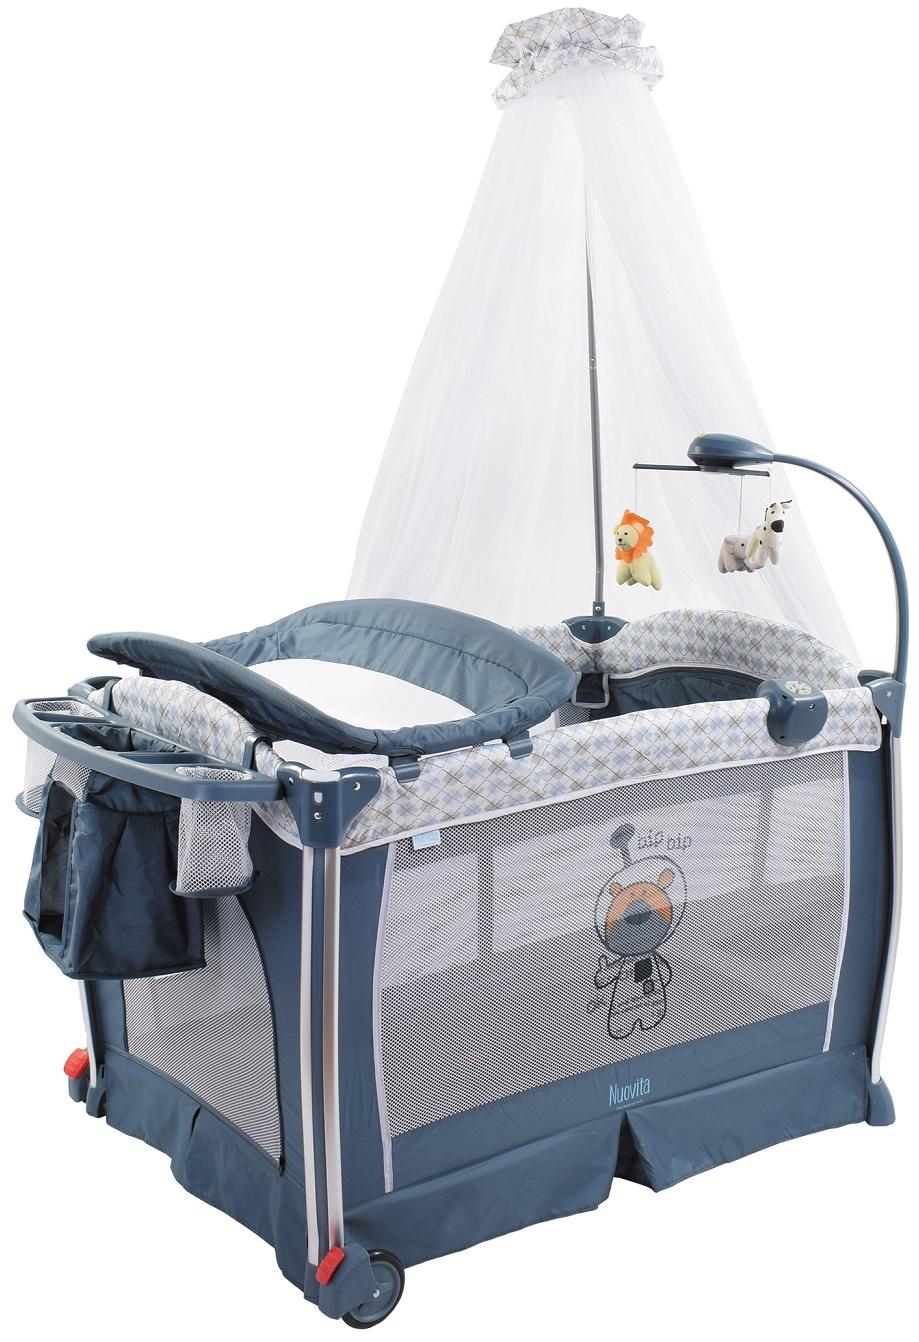 Детская кровать-манеж Nuovita Fortezza, цвет - Grigio scuro / Темно-серыйМанежи<br>Детская кровать-манеж Nuovita Fortezza, цвет - Grigio scuro / Темно-серый<br>